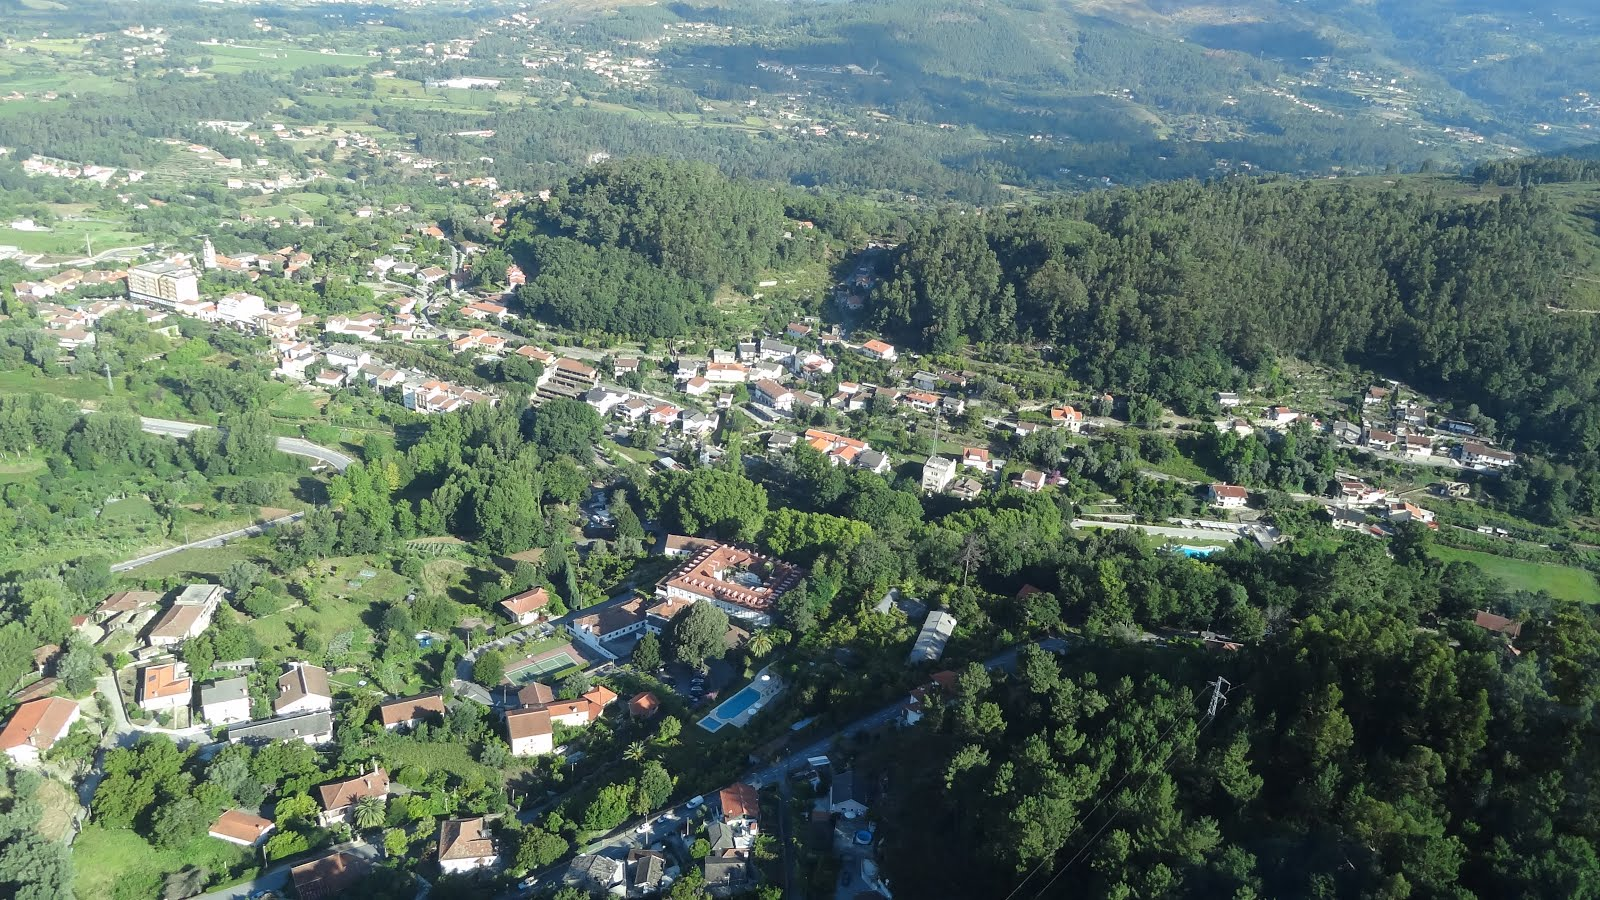 Caldelas Portugal  city photos gallery : Terceira Dimensão Fotografia Aérea: Caldelas